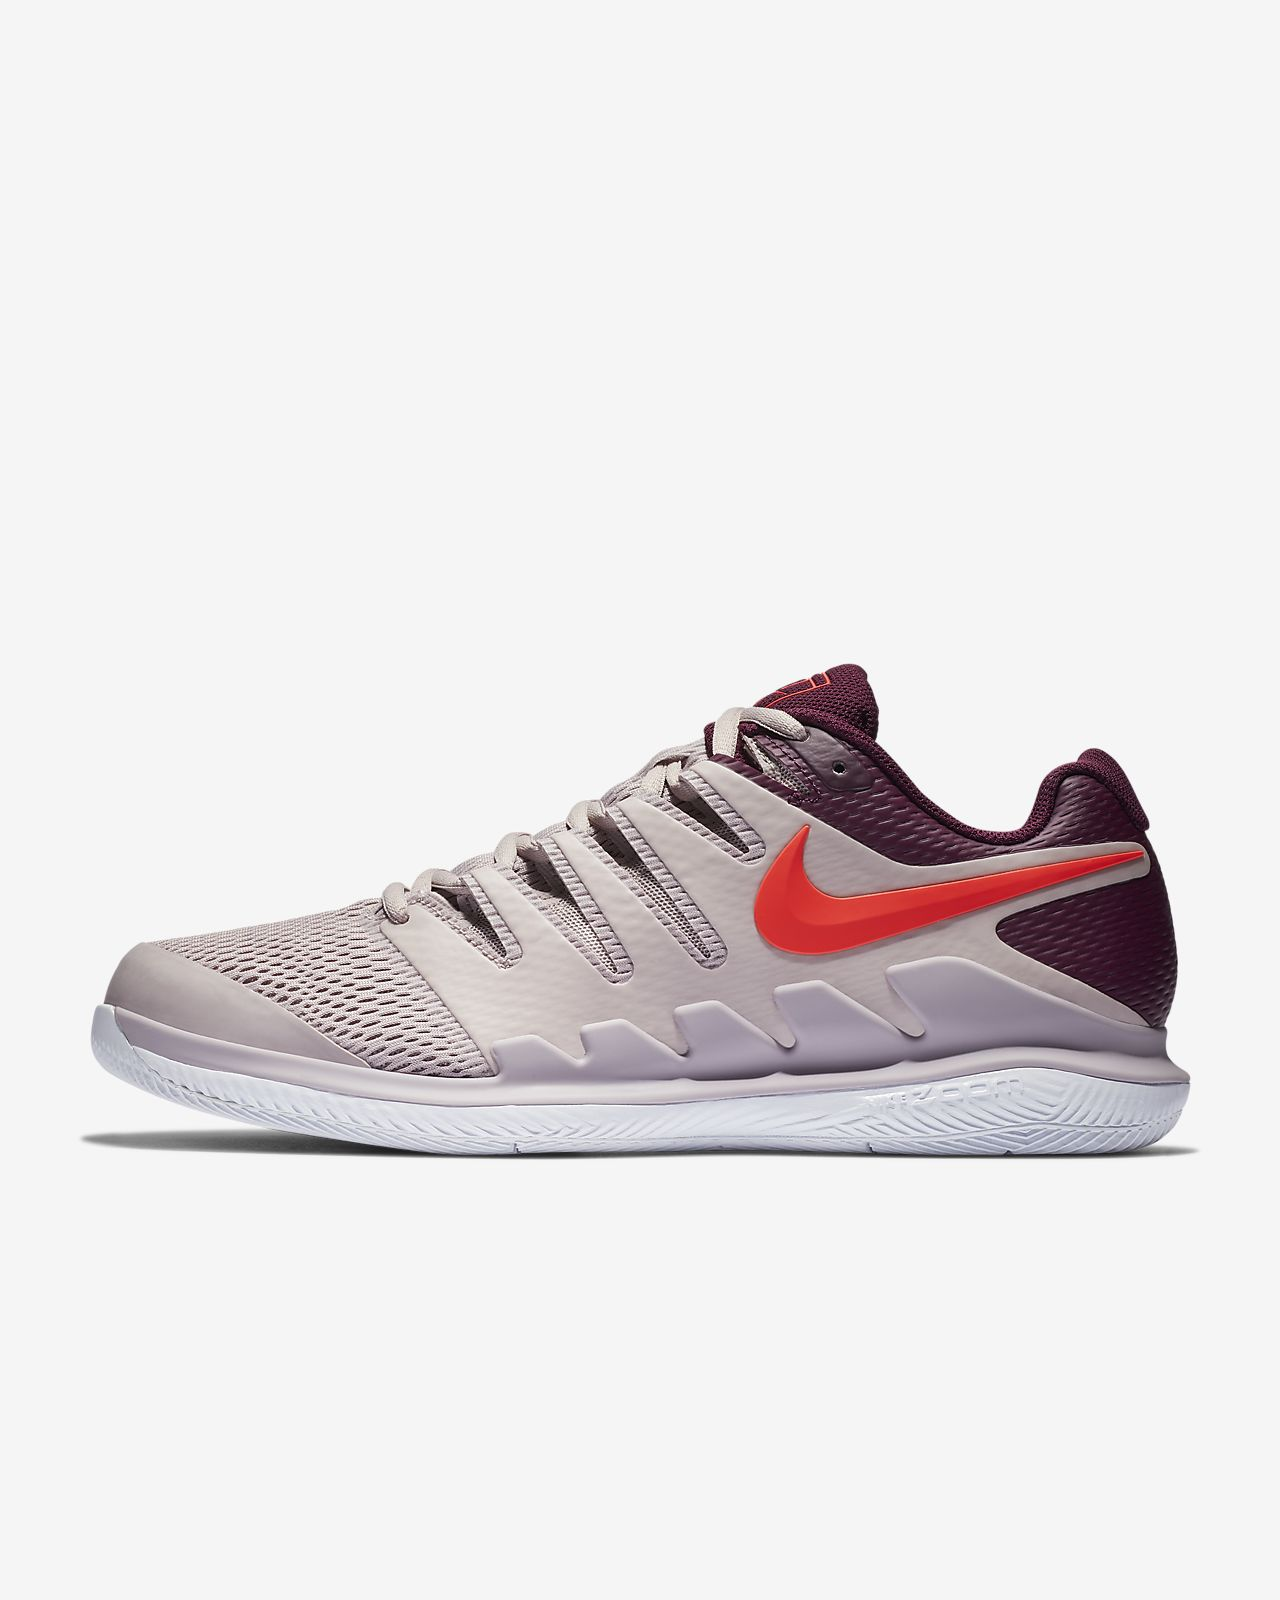 newest 8d44c 08299 ... Chaussure de tennis pour surface dure NikeCourt Air Zoom Vapor X pour  Homme